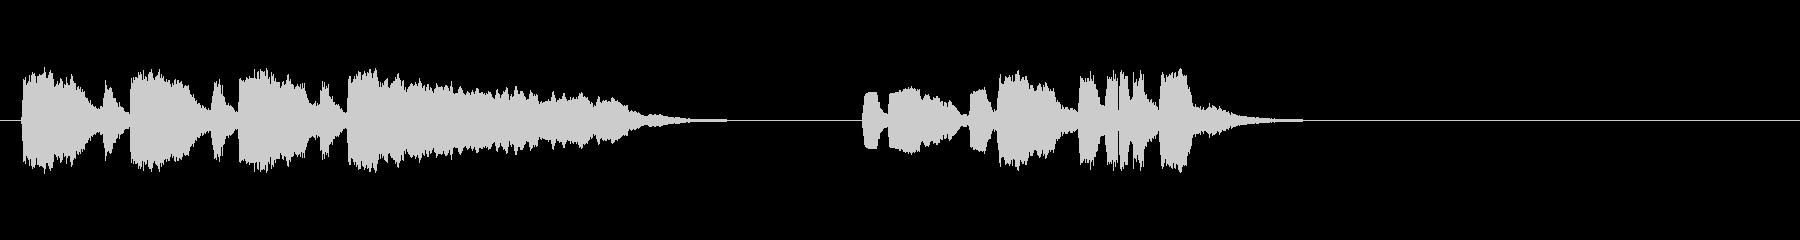 テーマ6:トランペット、音楽の未再生の波形